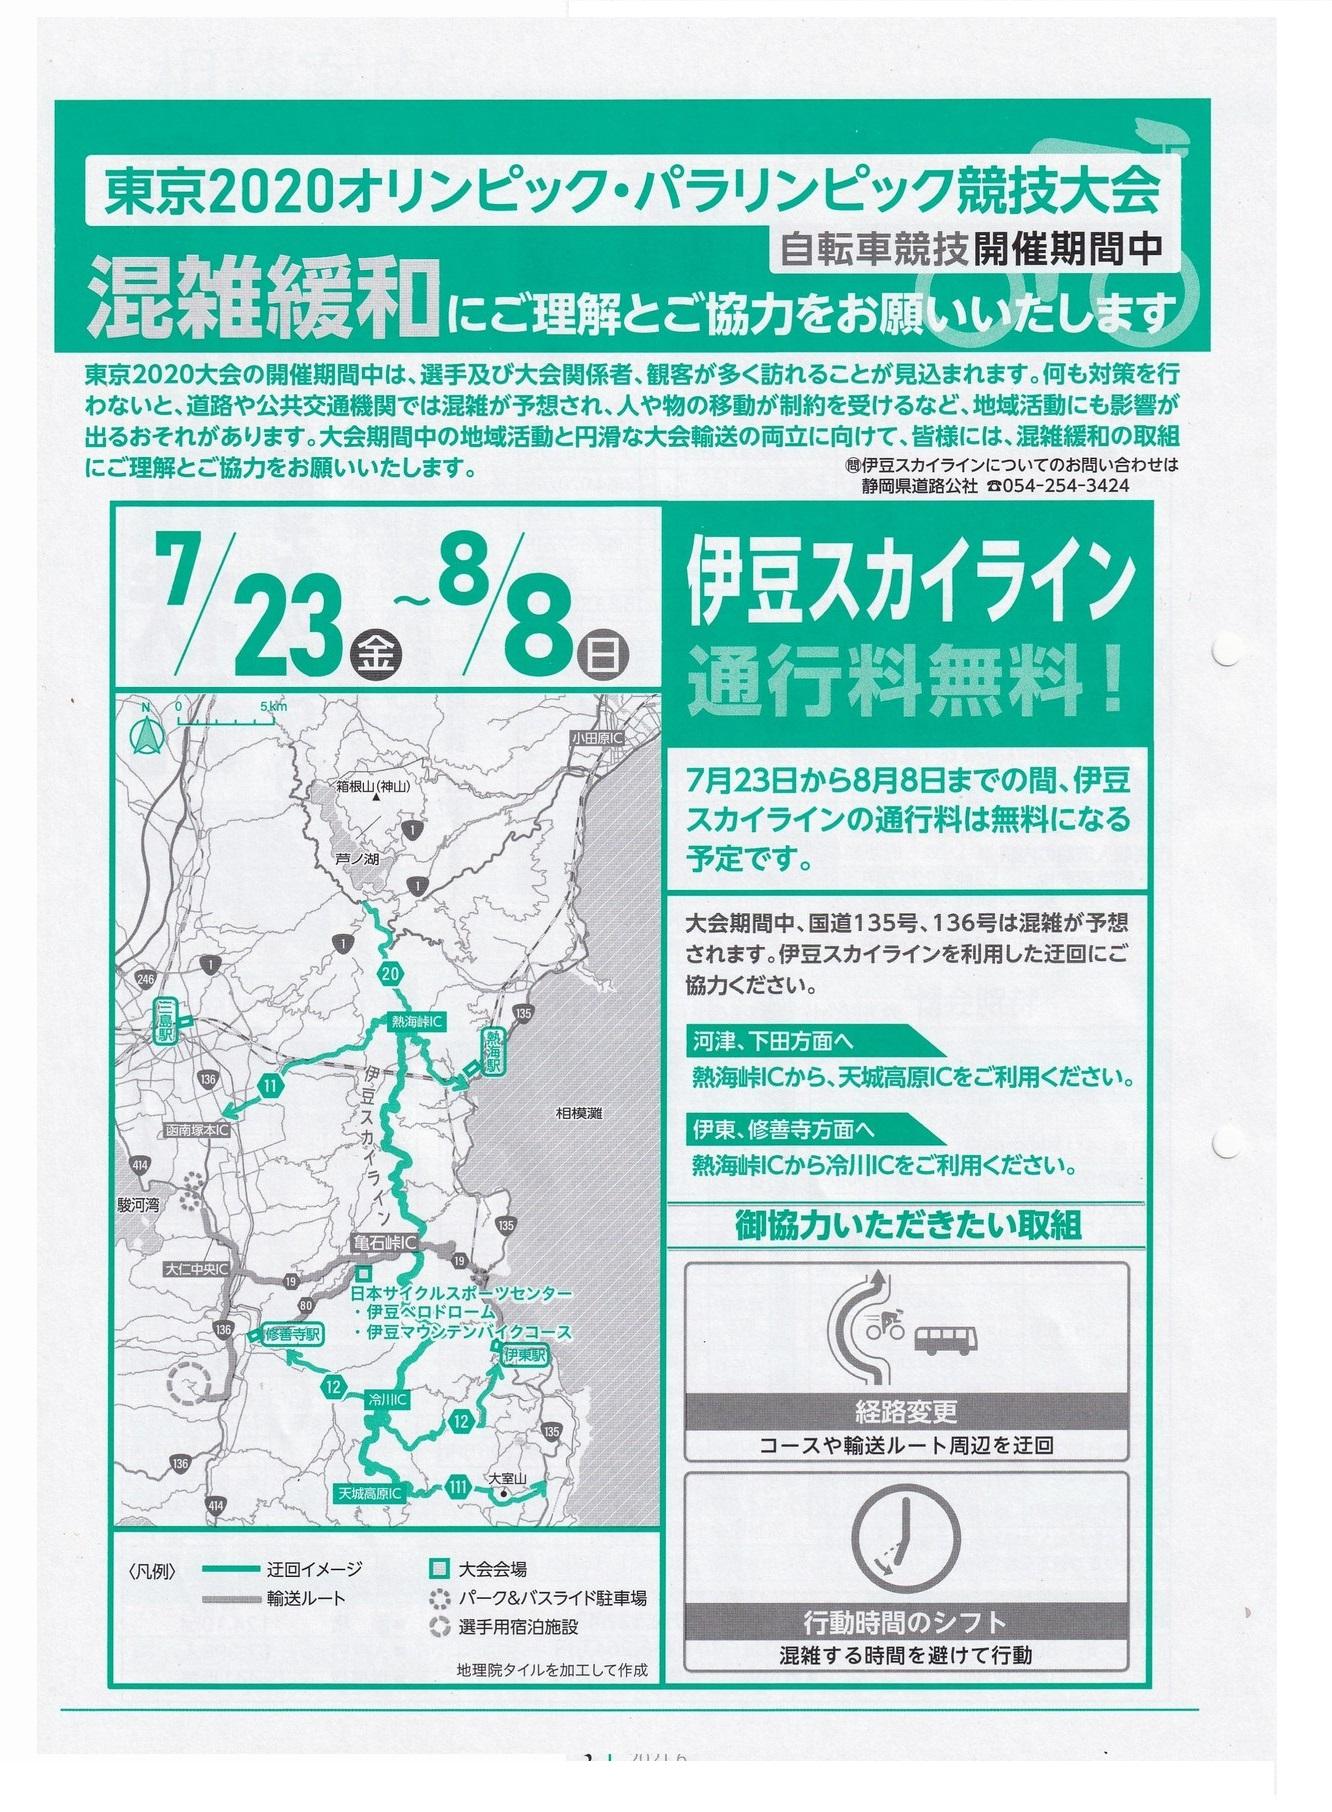 https://www.magaret.jp/mt_img/%E6%9C%9F%E9%96%93%E9%99%90%E5%AE%9A%E4%BC%8A%E8%B1%86%E3%82%B9%E3%82%AB%E7%84%A1%E6%96%99_JALAN_210526.jpg